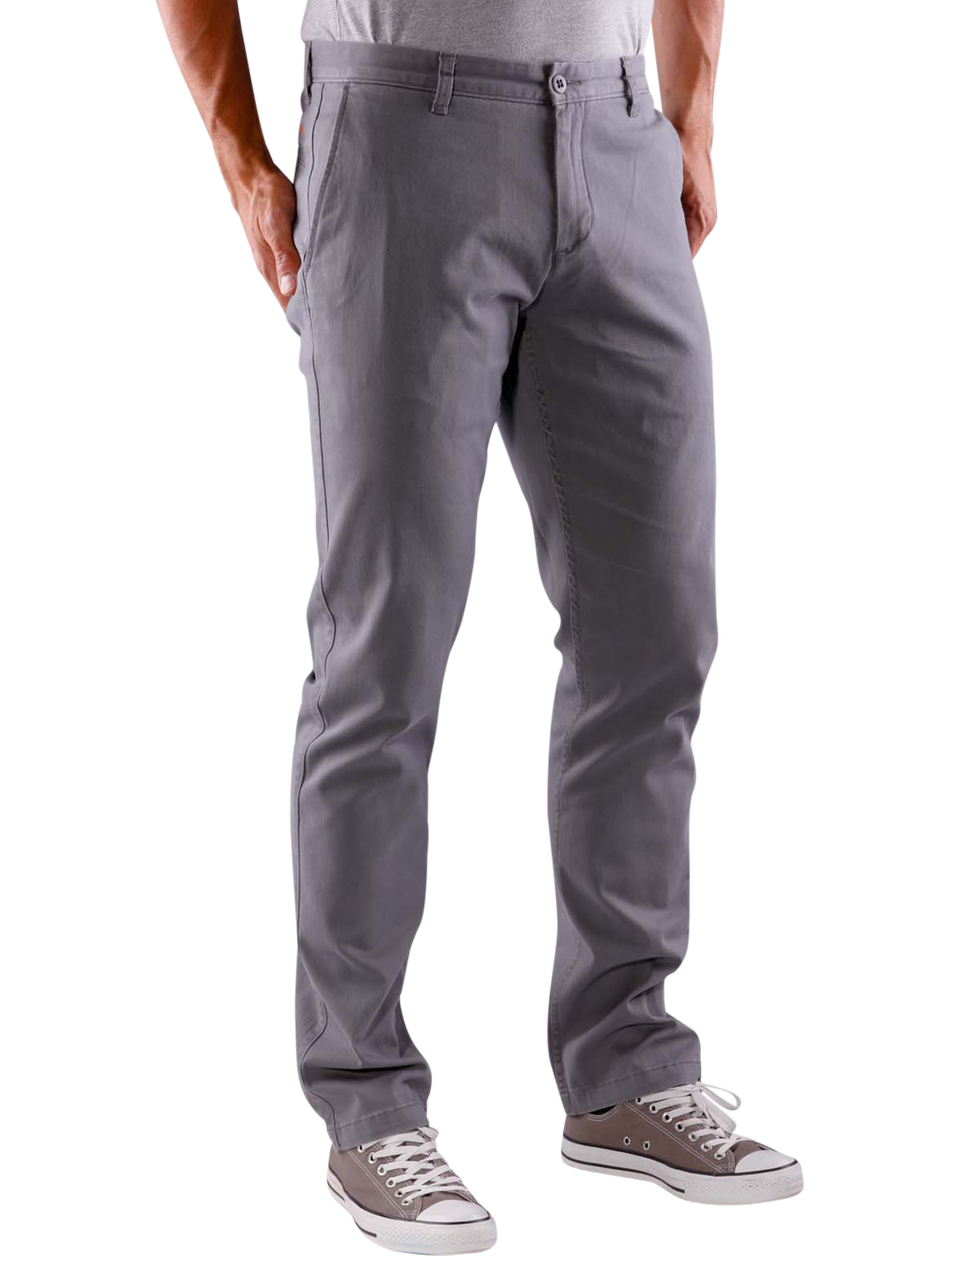 501 Levis Status Dockers Jeans Levi´s Villegas Pantalón XfqP1xwq4